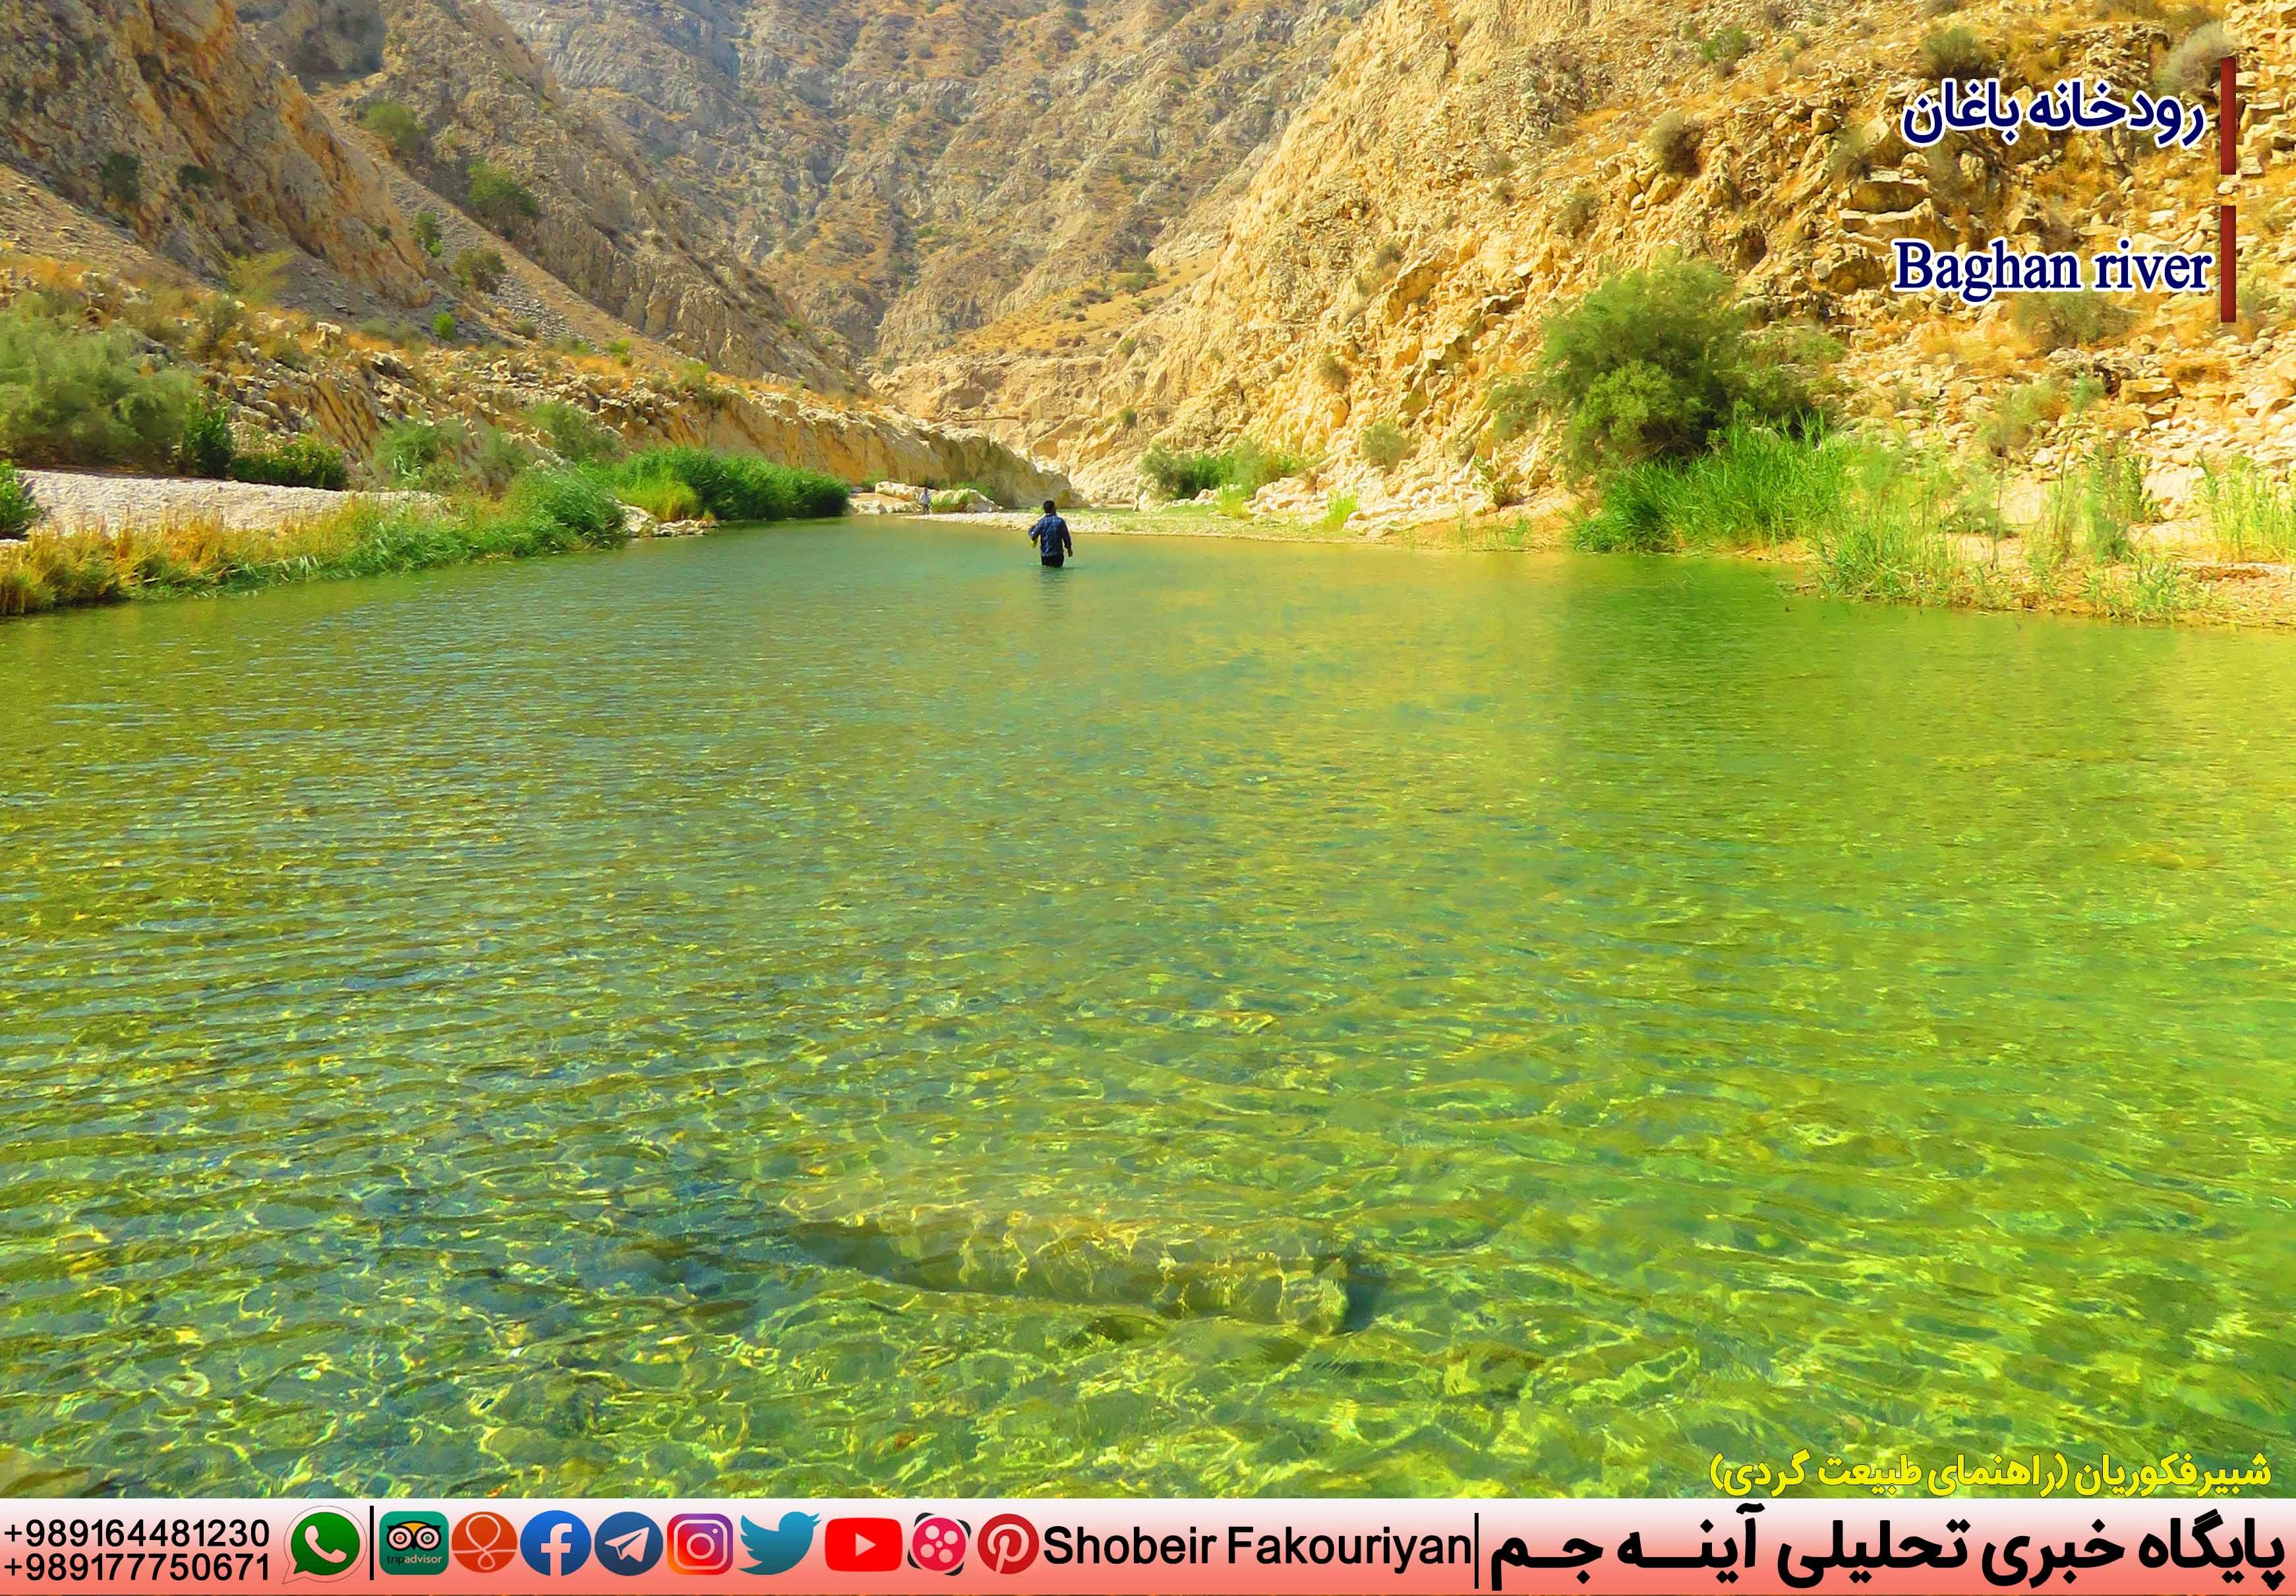 baghan river